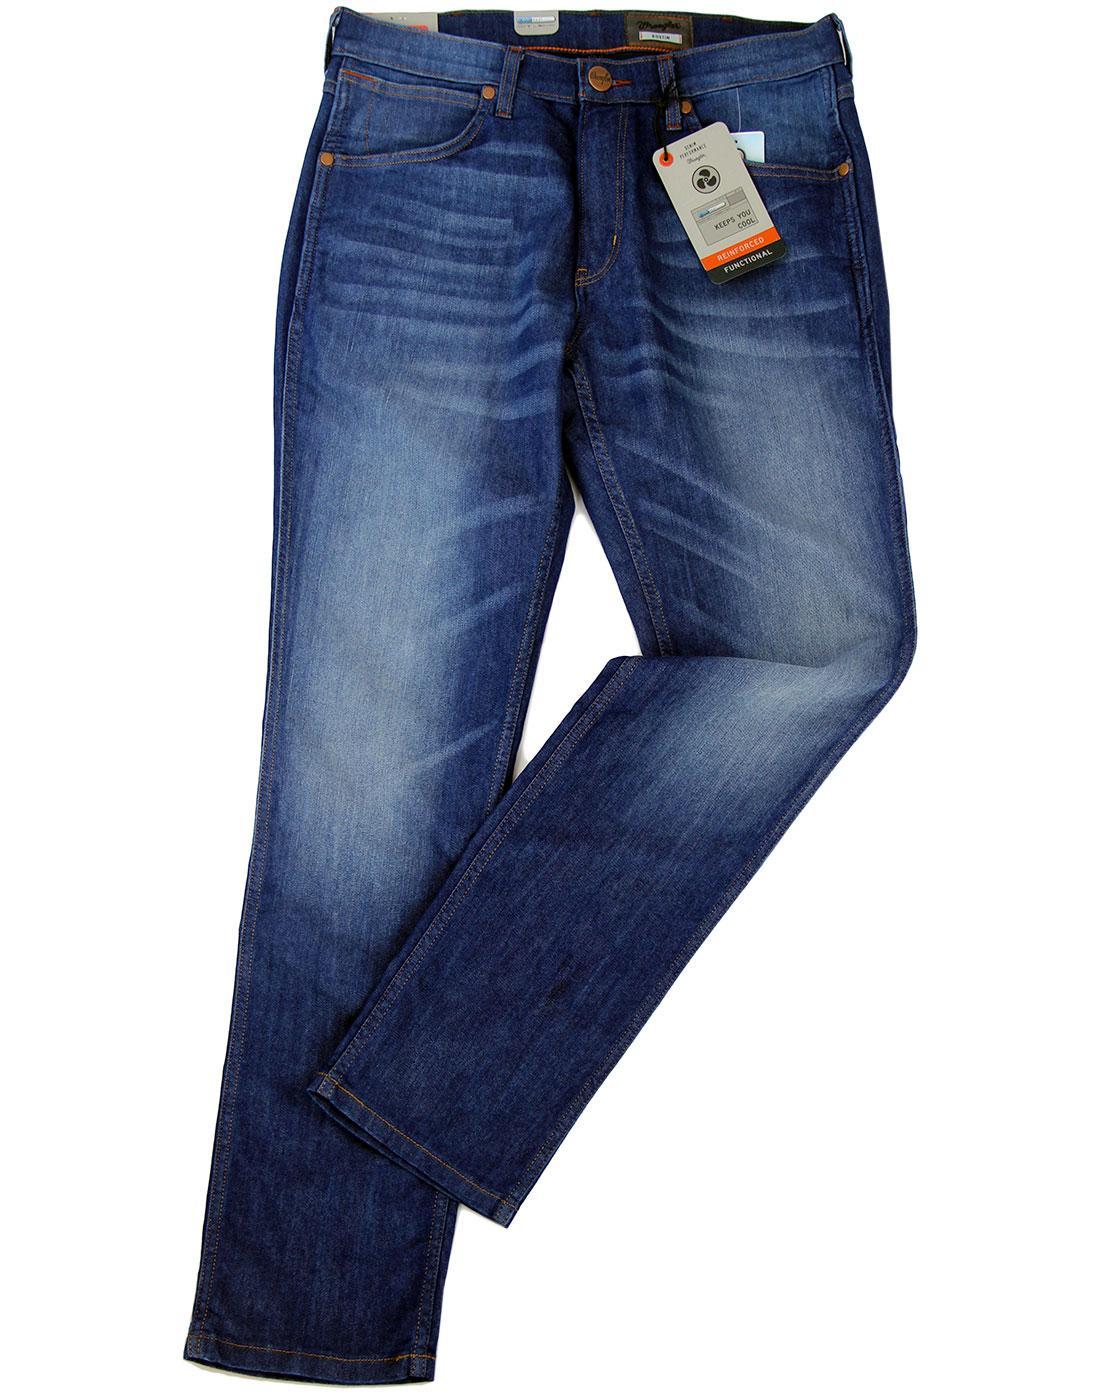 Bostin WRANGLER Coolmax Standard Slim Jeans (MG)